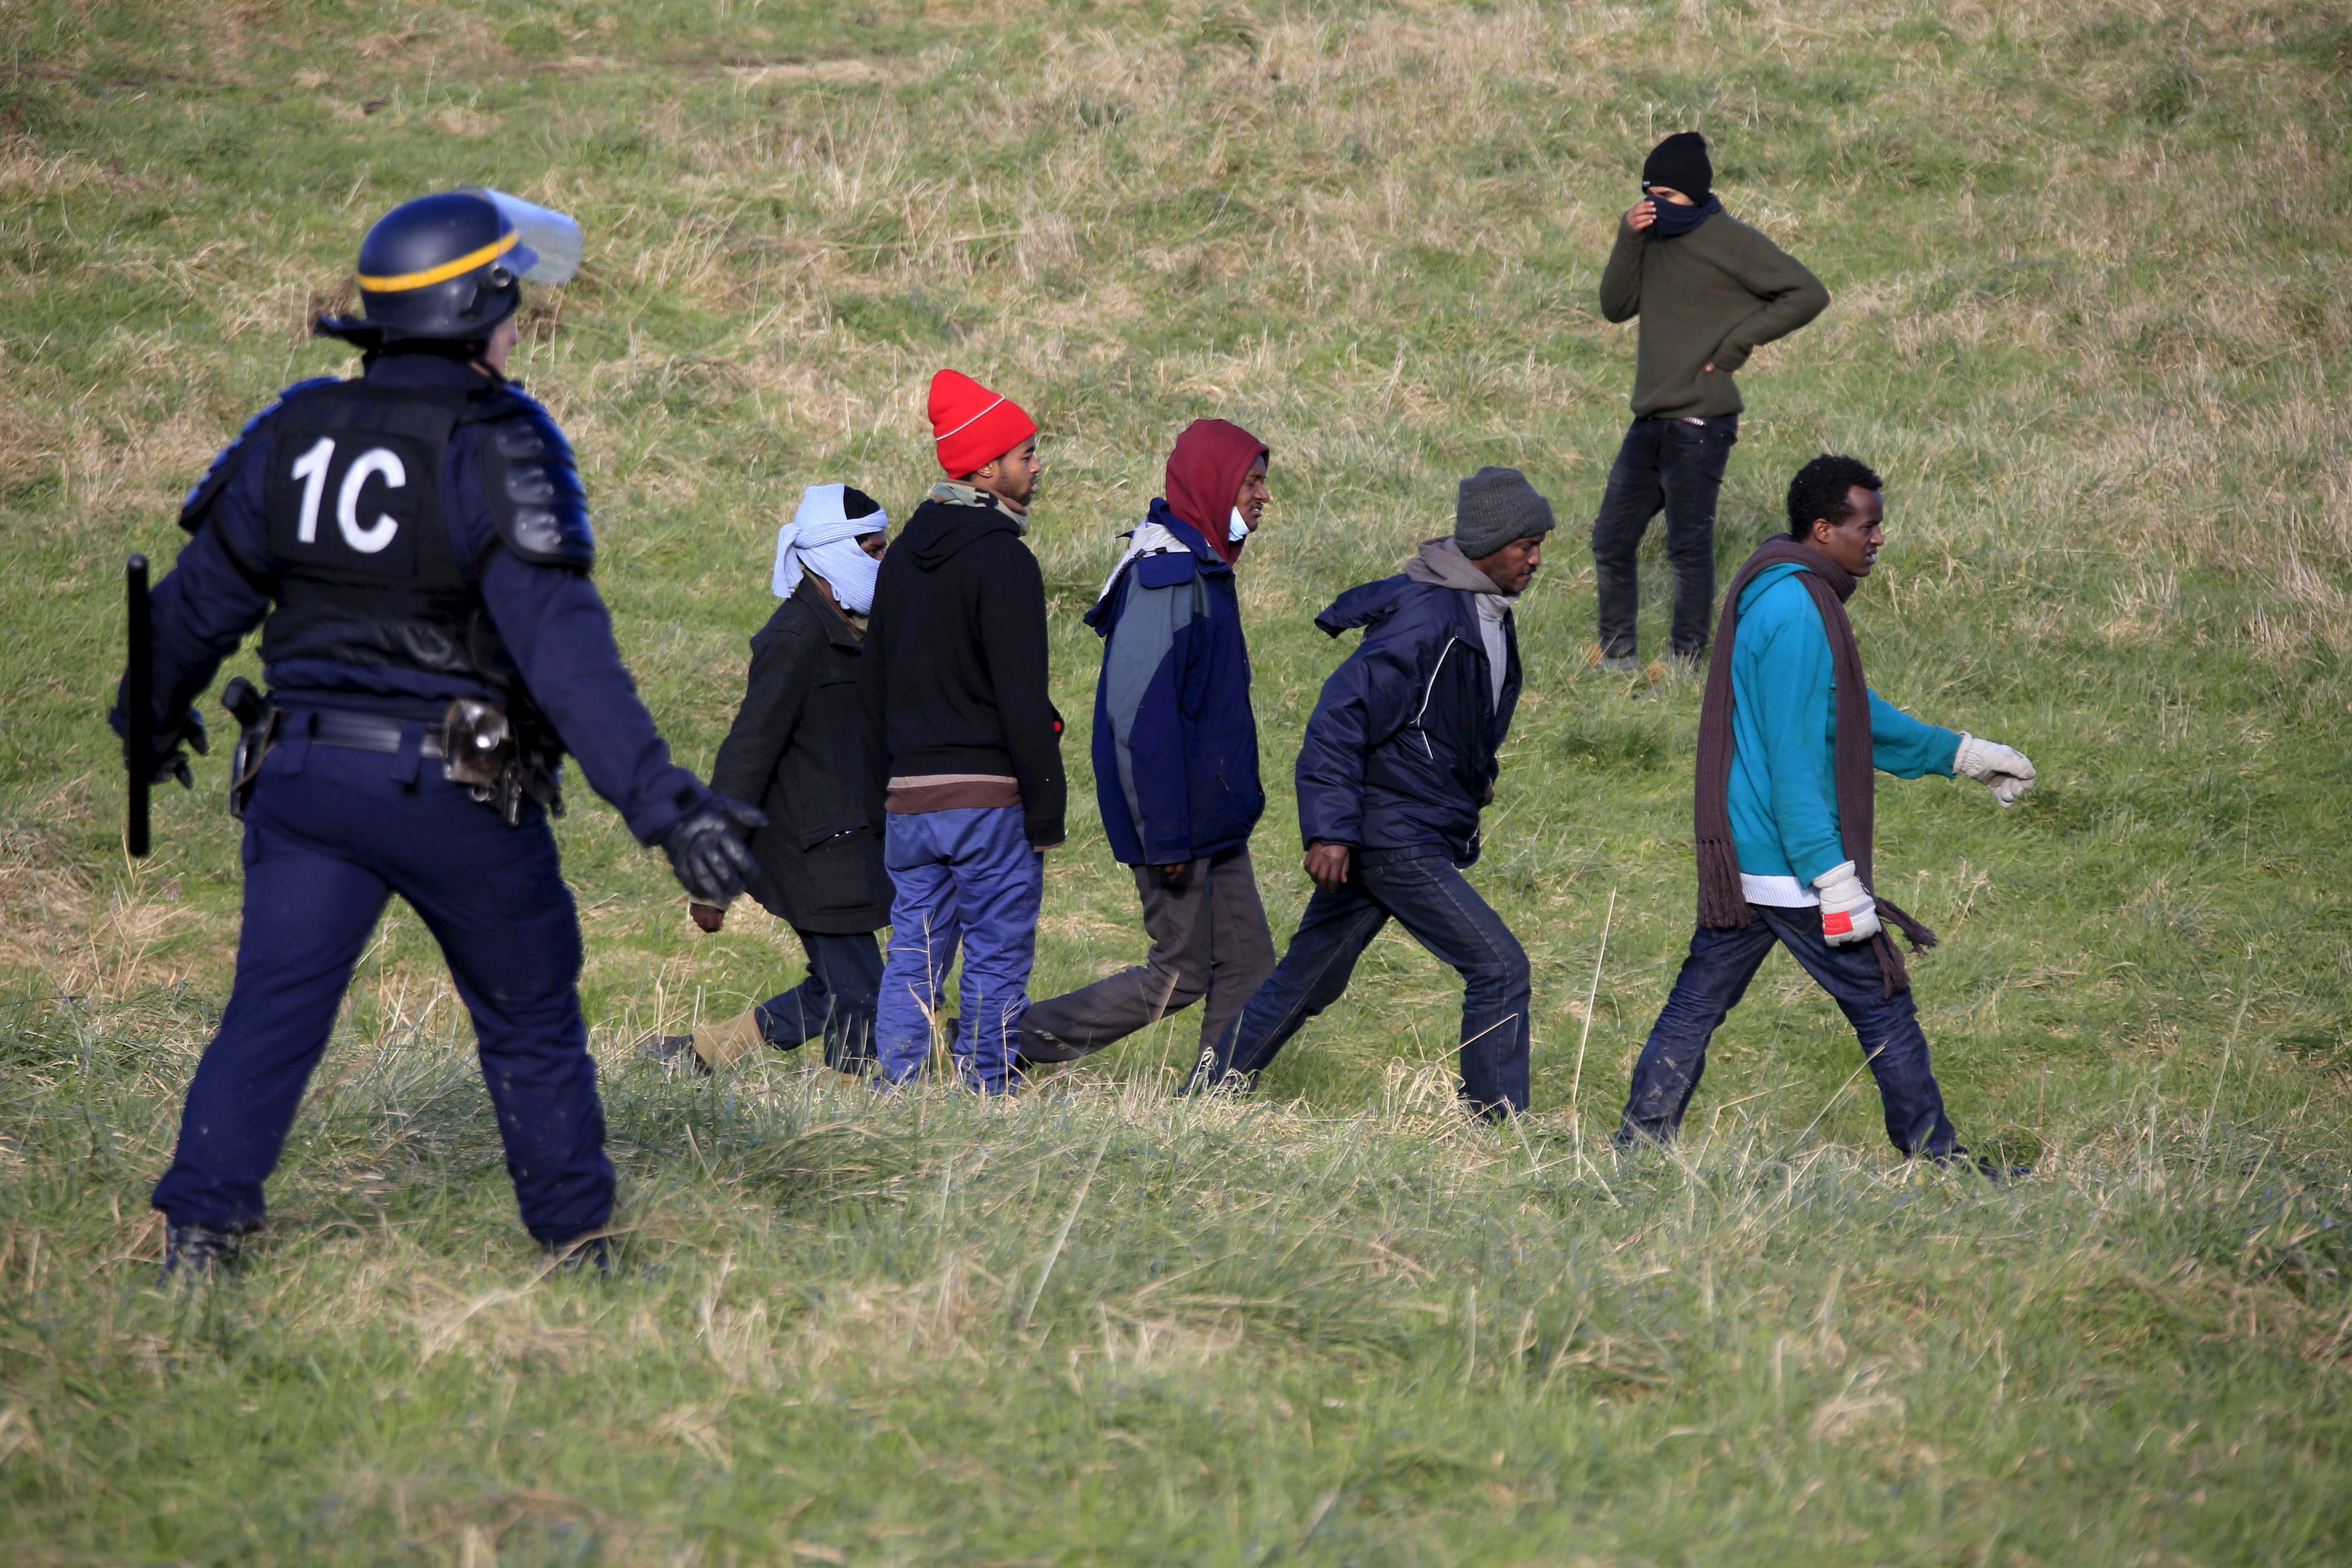 Crise des migrants, acte 2 : comment le défi humanitaire est en train de basculer vers une immigration majoritairement économique